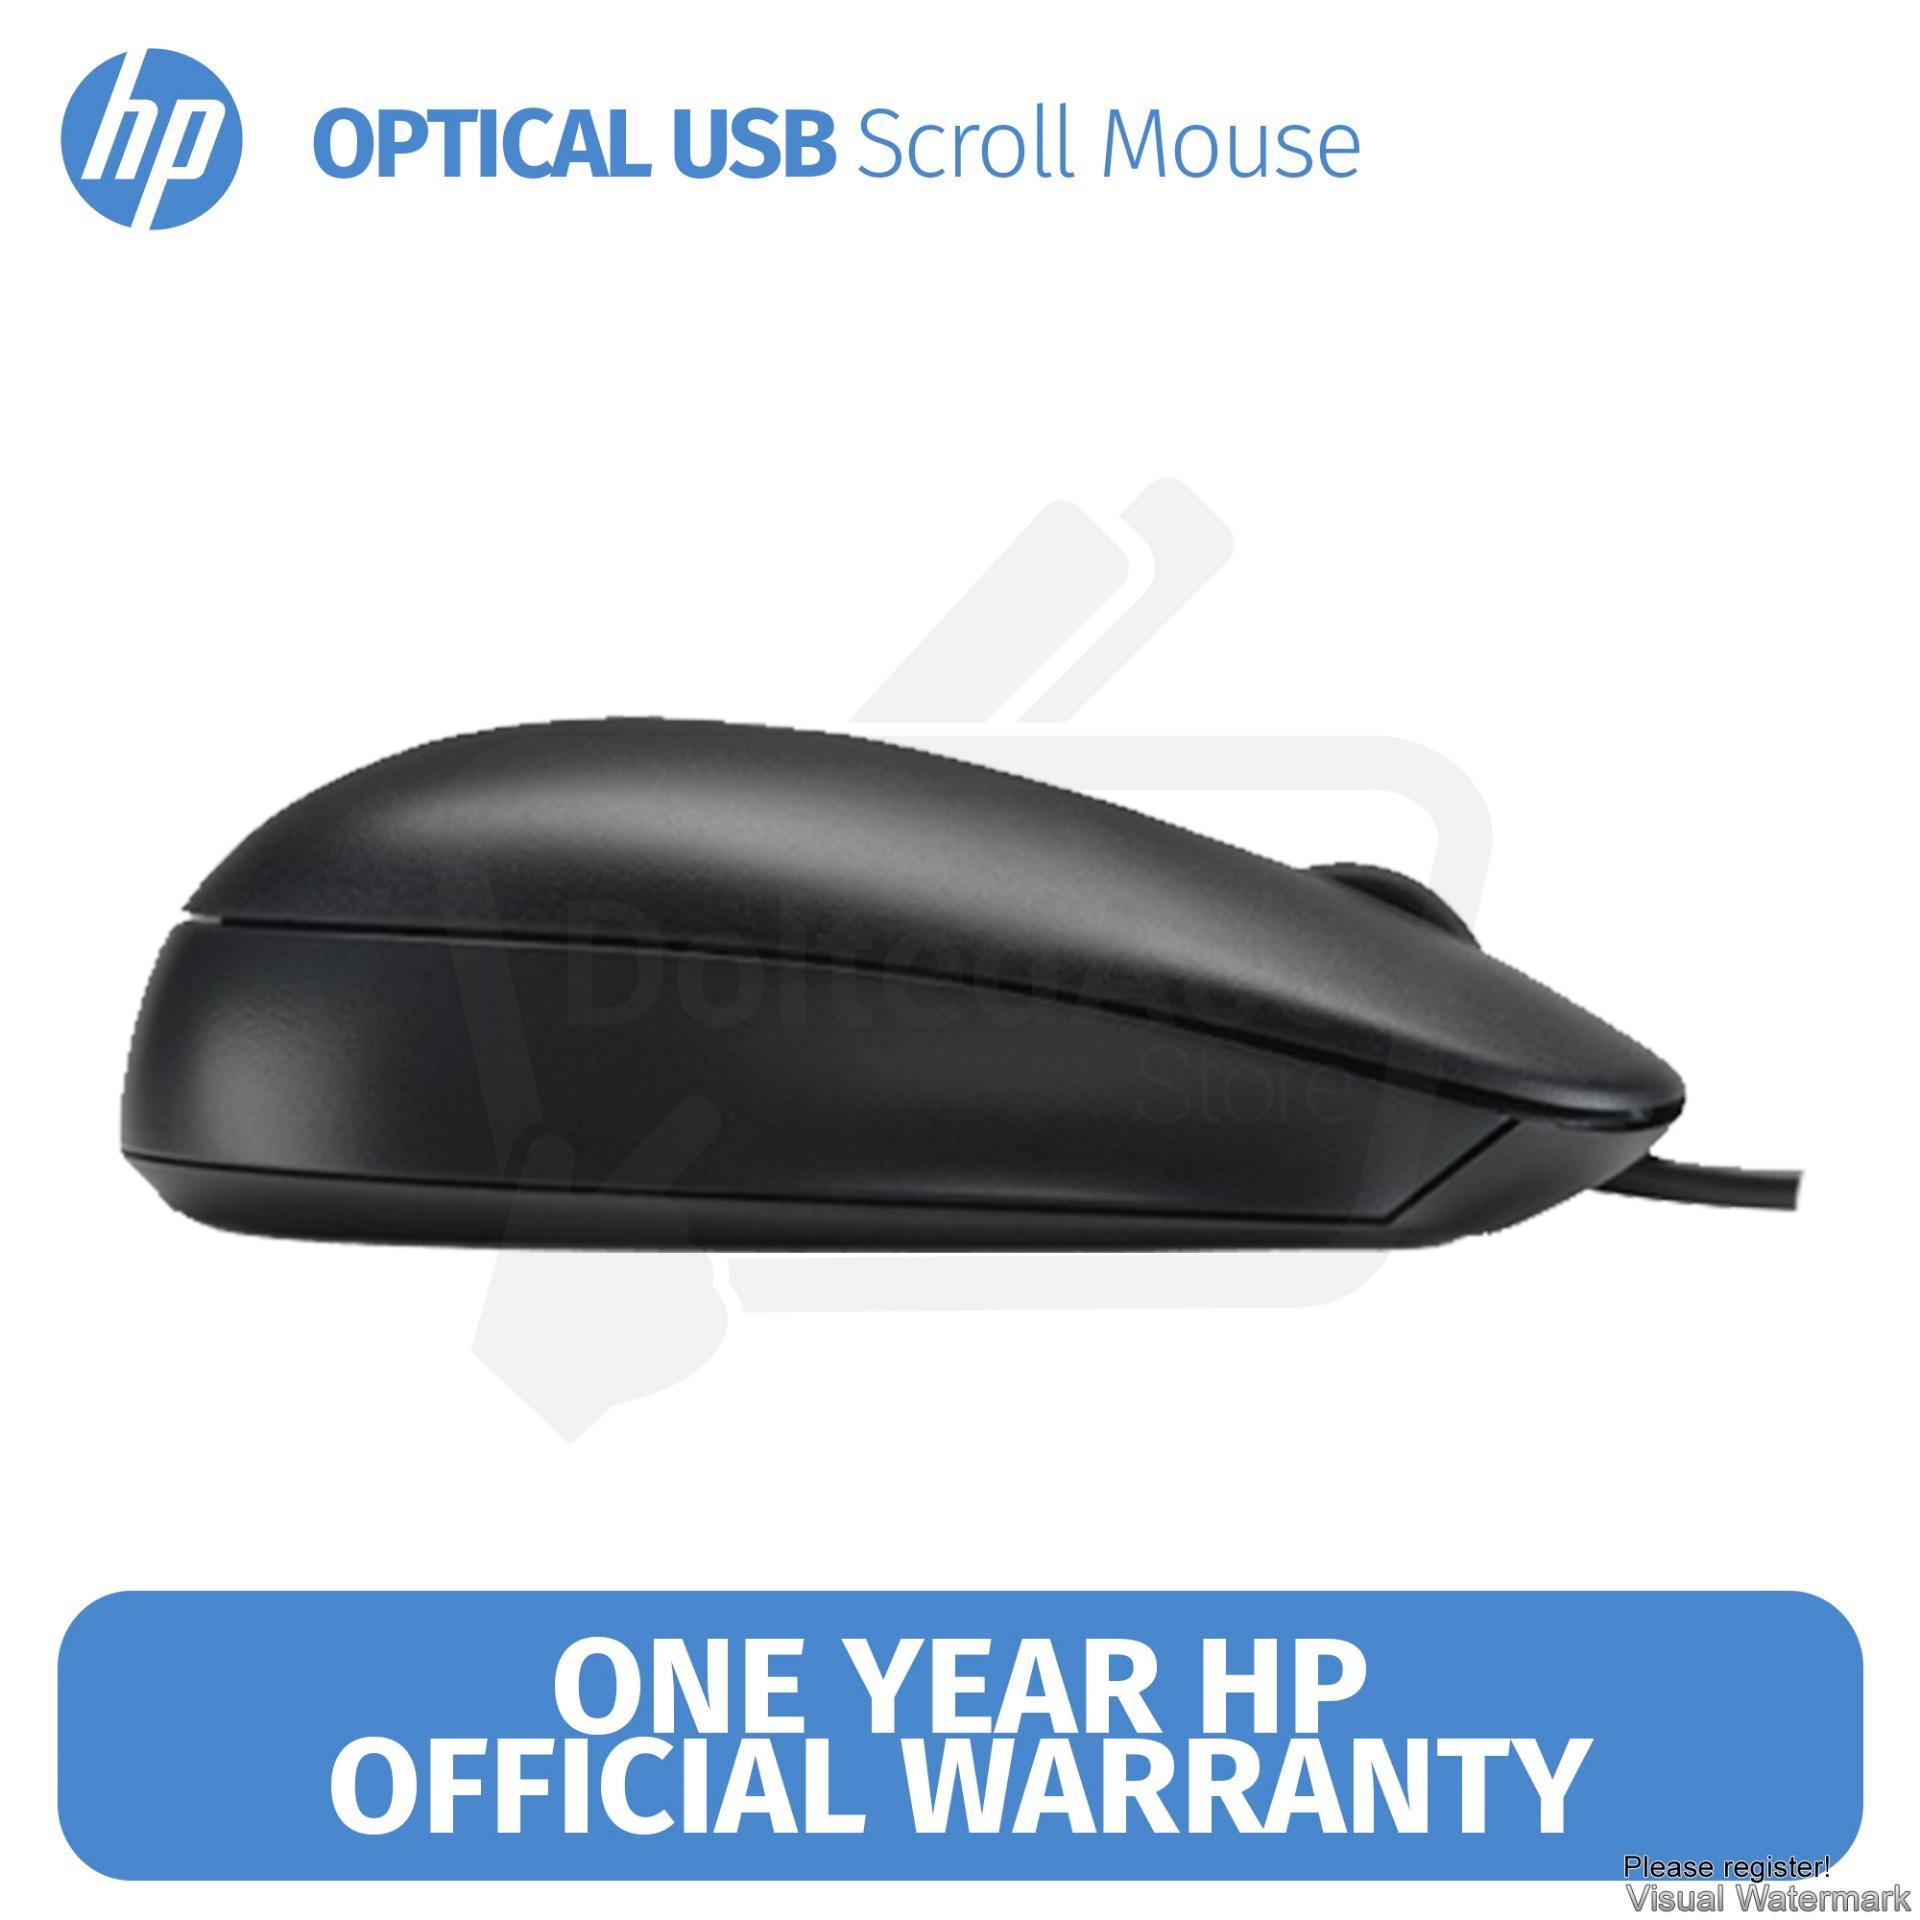 Kelebihan Mouse Hp Optical Usb Original Terkini Daftar Harga Dan Votre Km 310 Wired 3